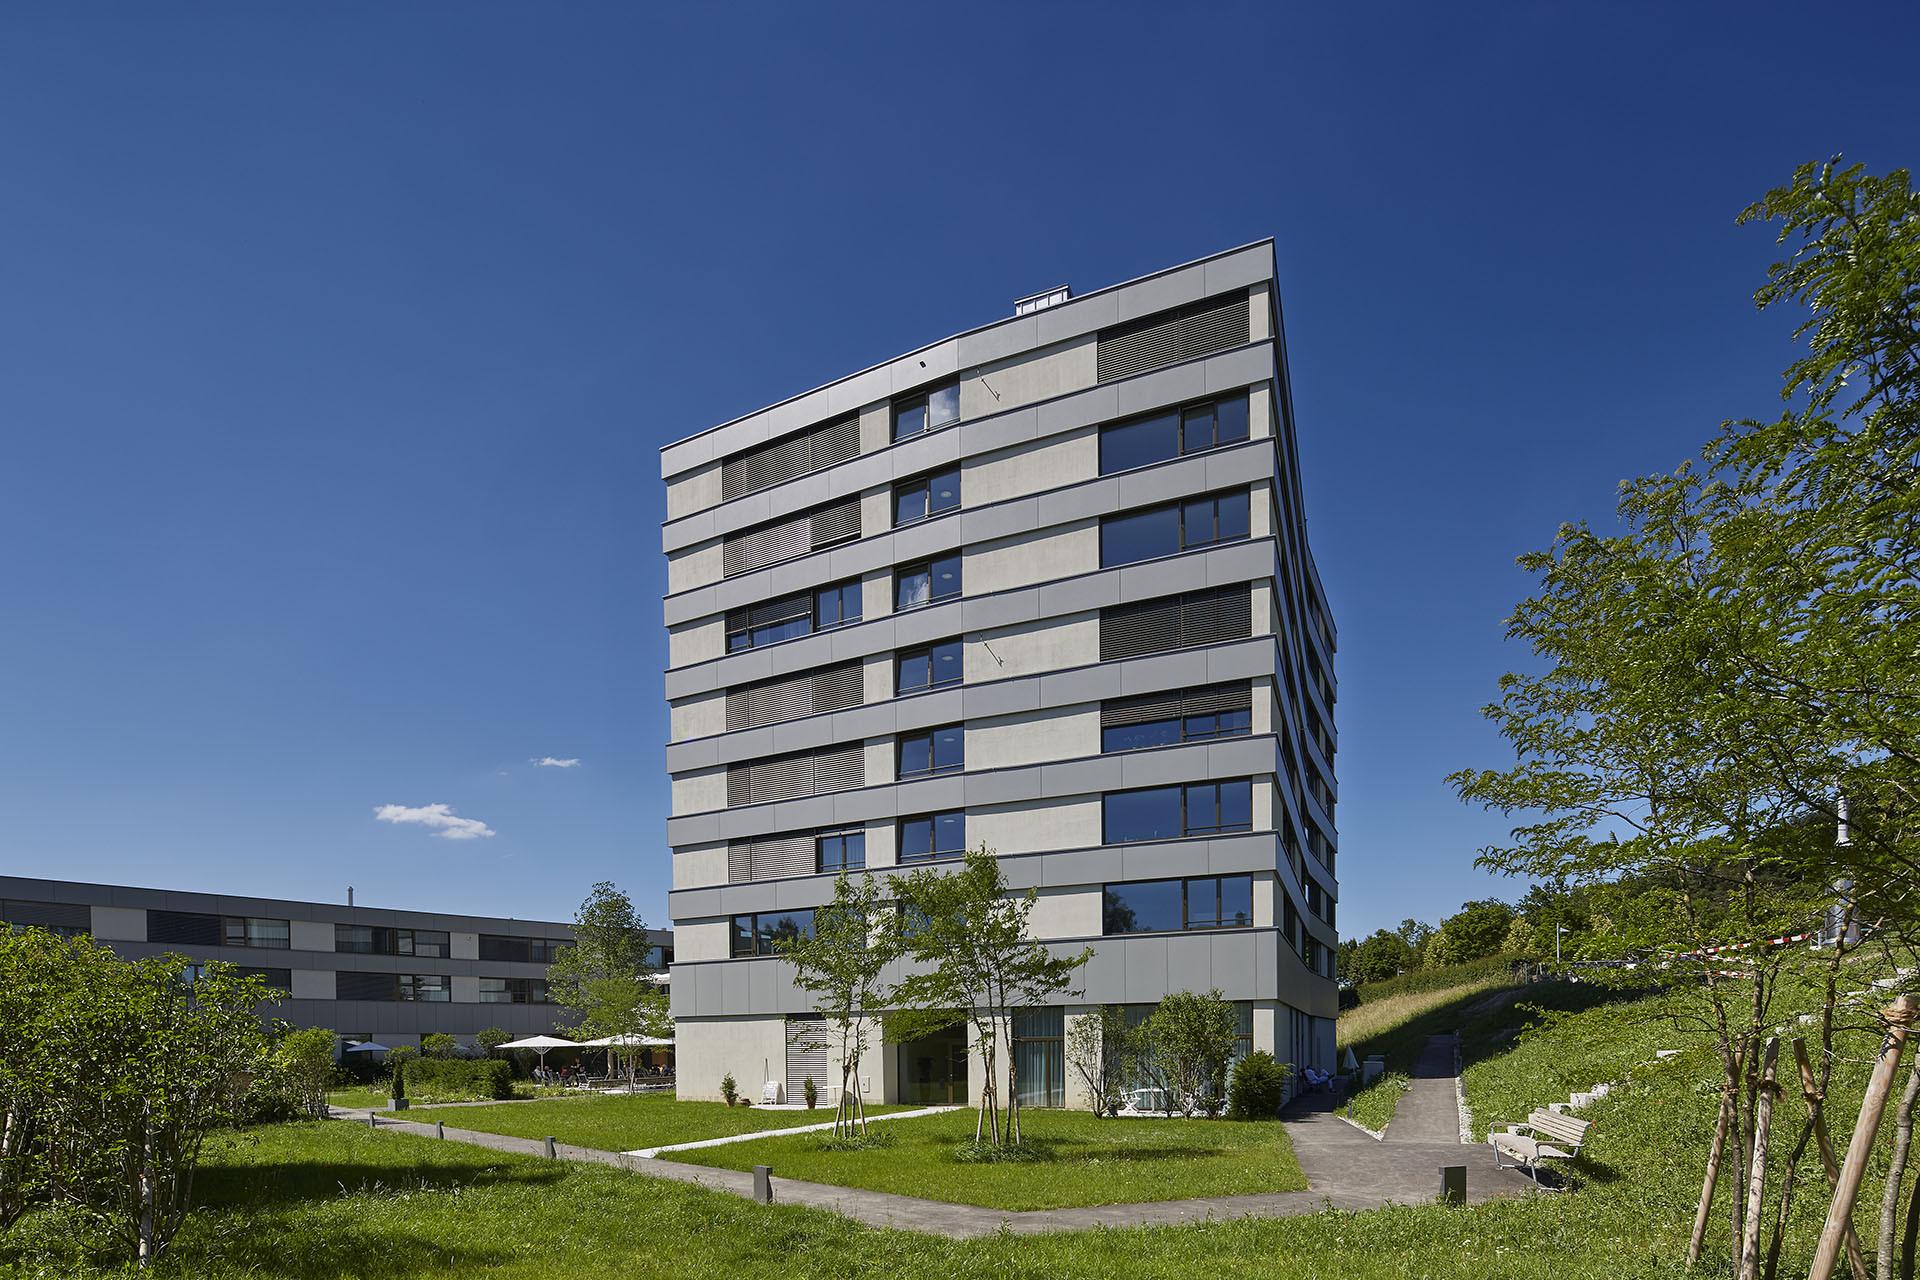 Résidence pour personnes âgées à plusieurs étages, façade généreuse